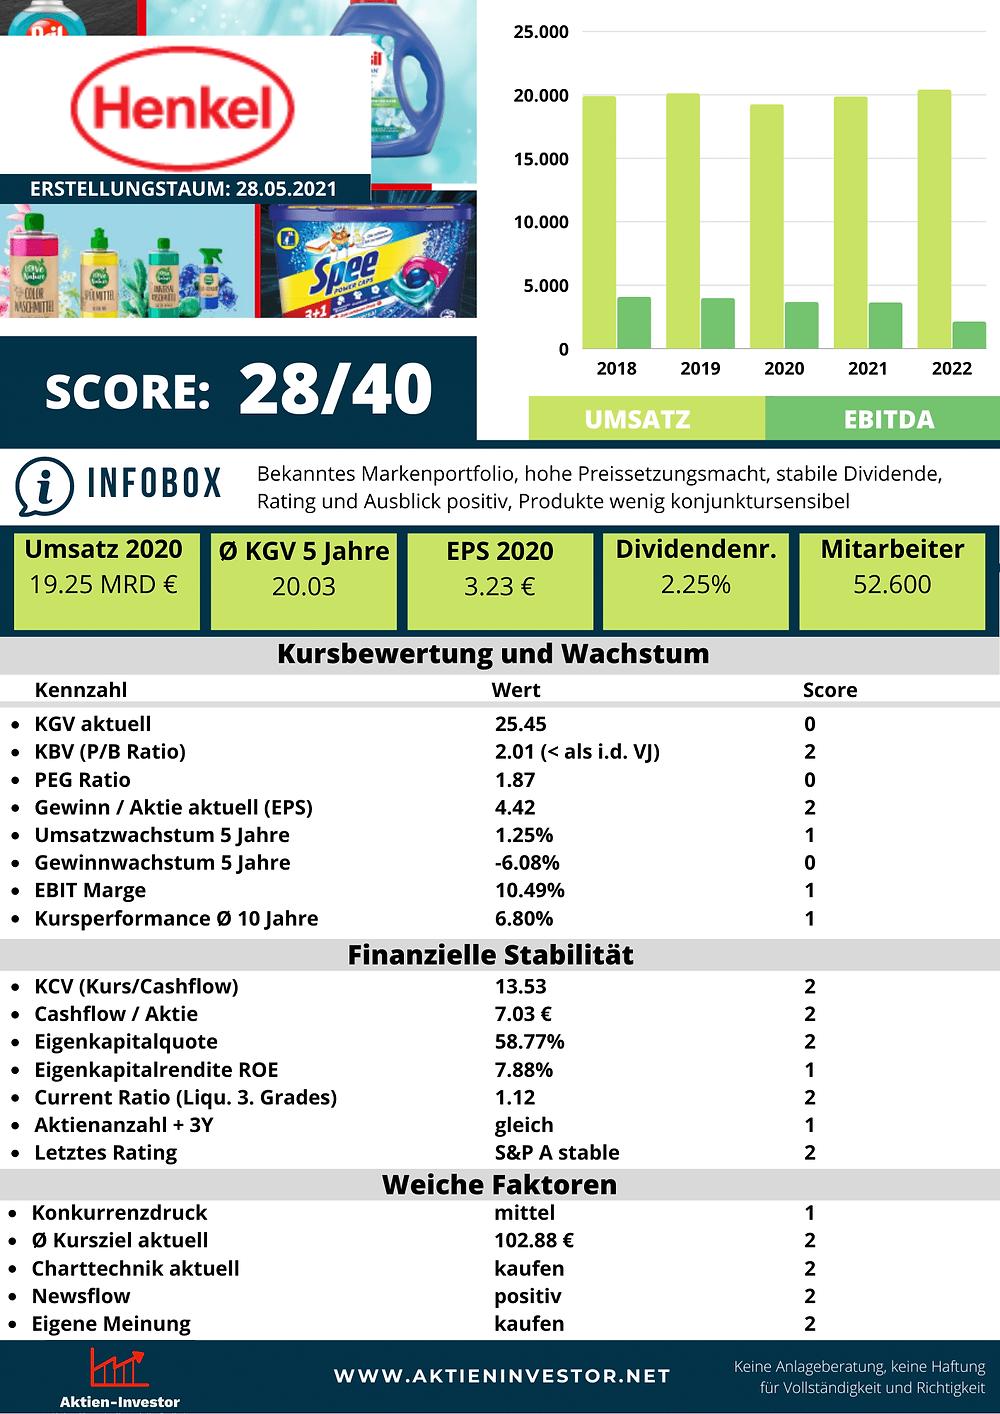 Henkel Aktienanalyse Score mit 28 von 40 Punkten